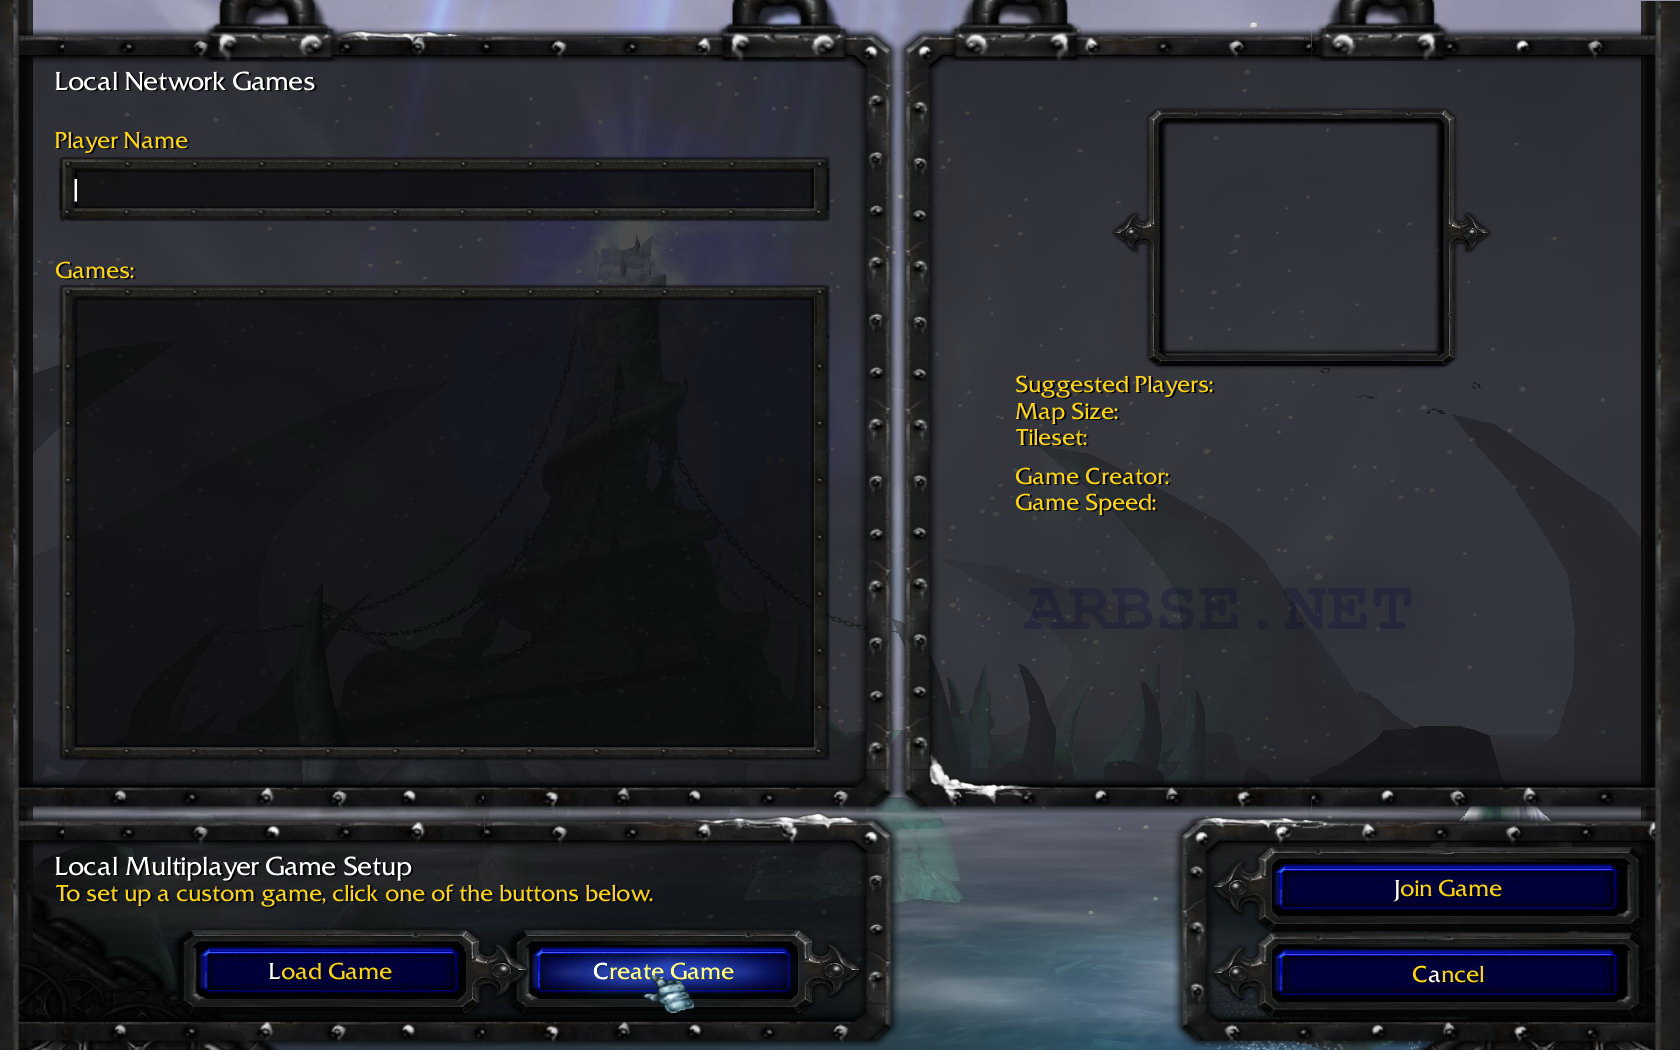 Программы для игры по сети в warcraft 3 the frozen throne